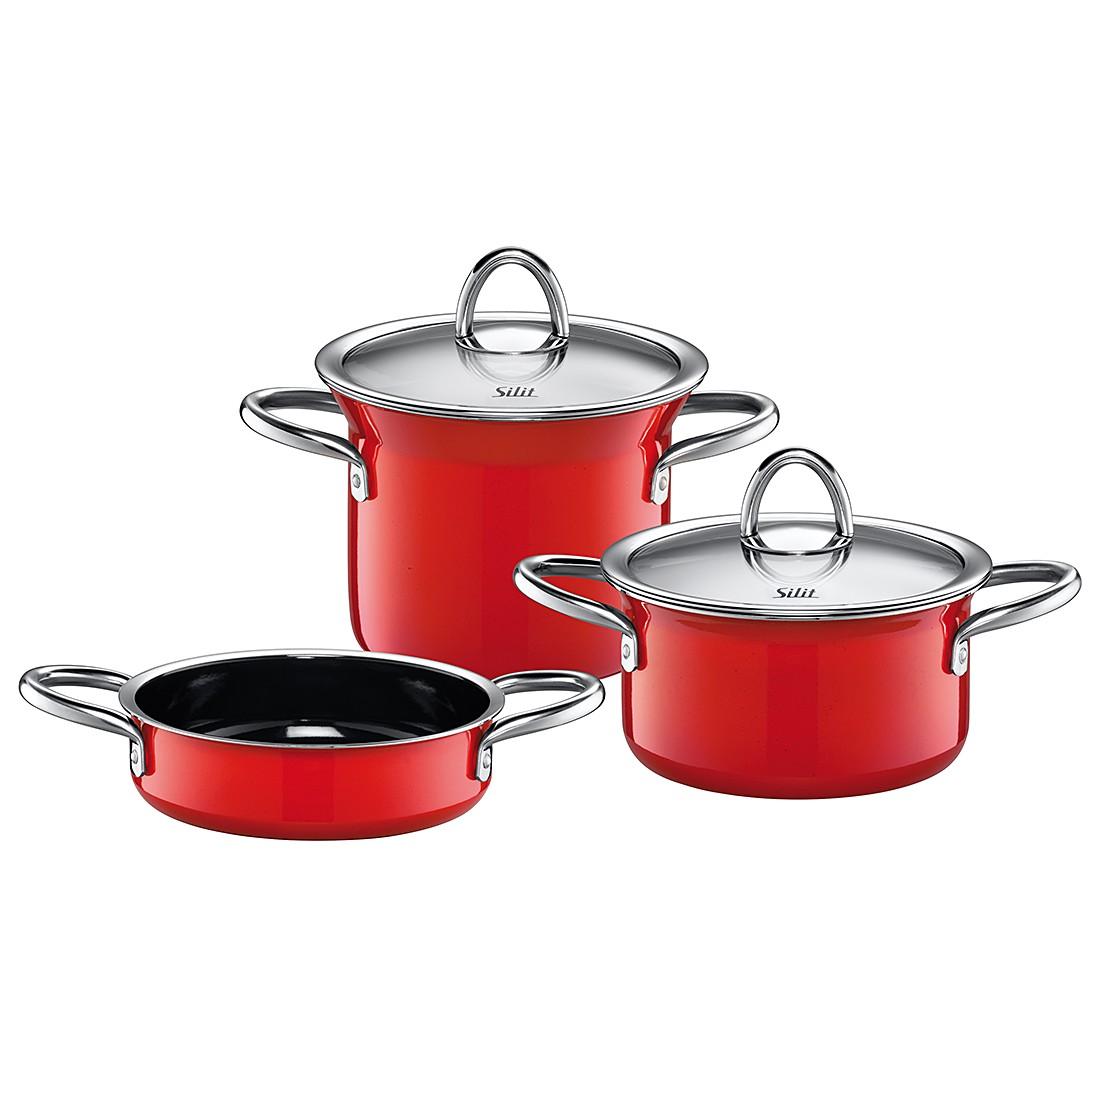 Topf-Set (3-teilig) miniMAX Energy Red, Silit jetzt kaufen